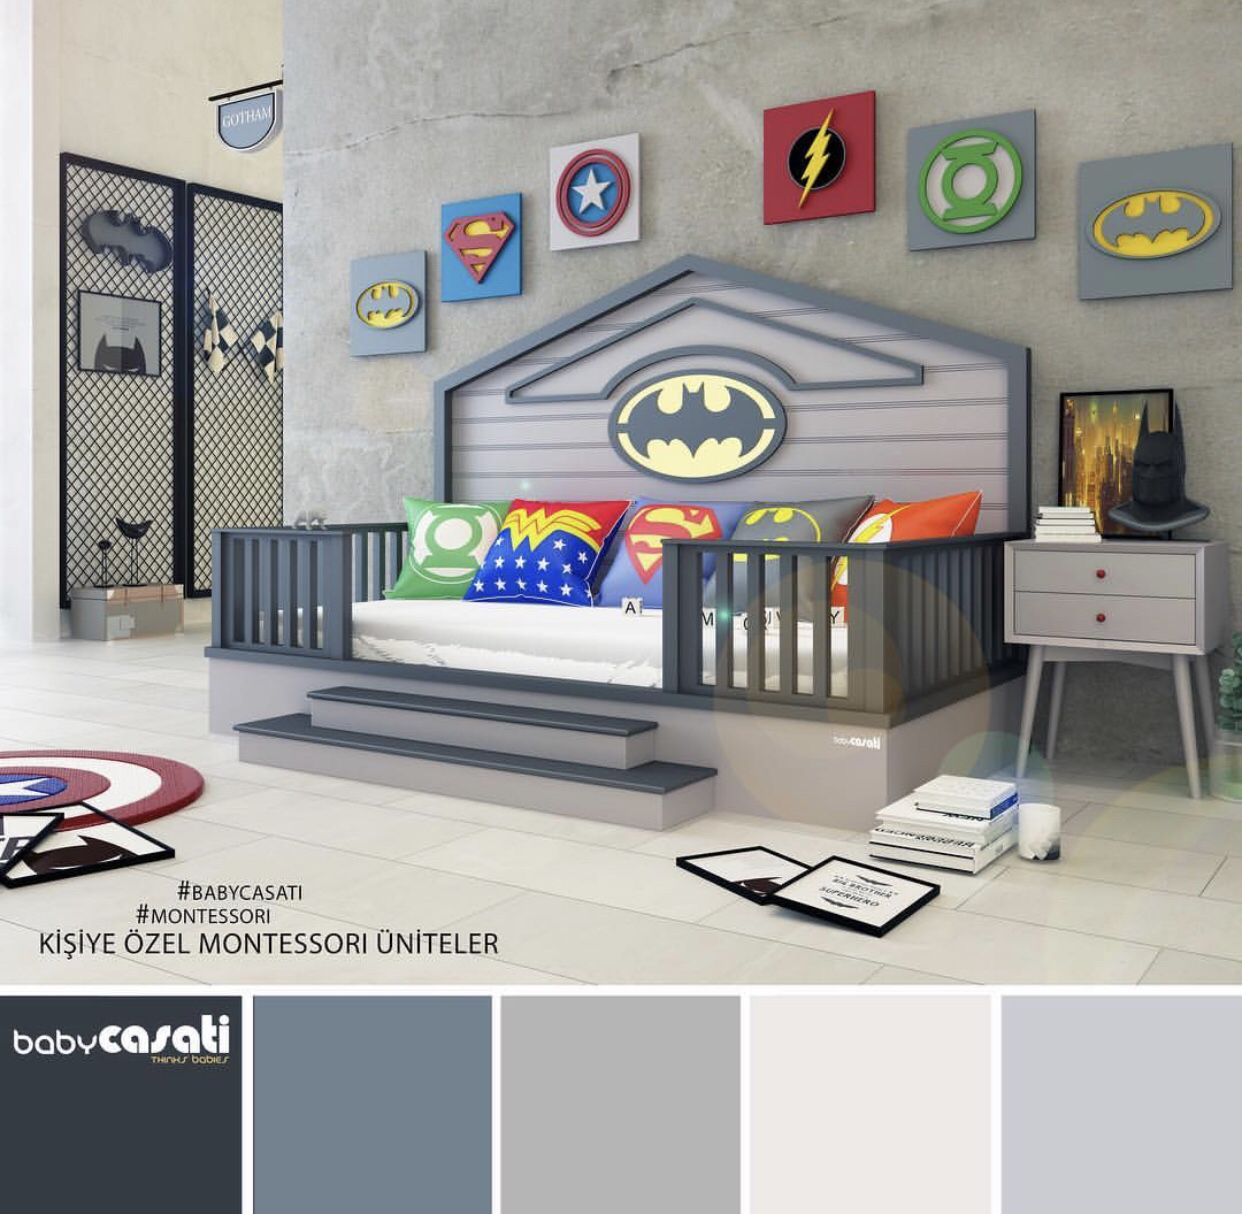 Kisiye Ozel Tasarlanmis Cocuk Odalari Neseli Sus Evim Ucretsiz Parti Setleri Cocuk Odalari Bebek Mobilya Bebek Odasi Mobilya